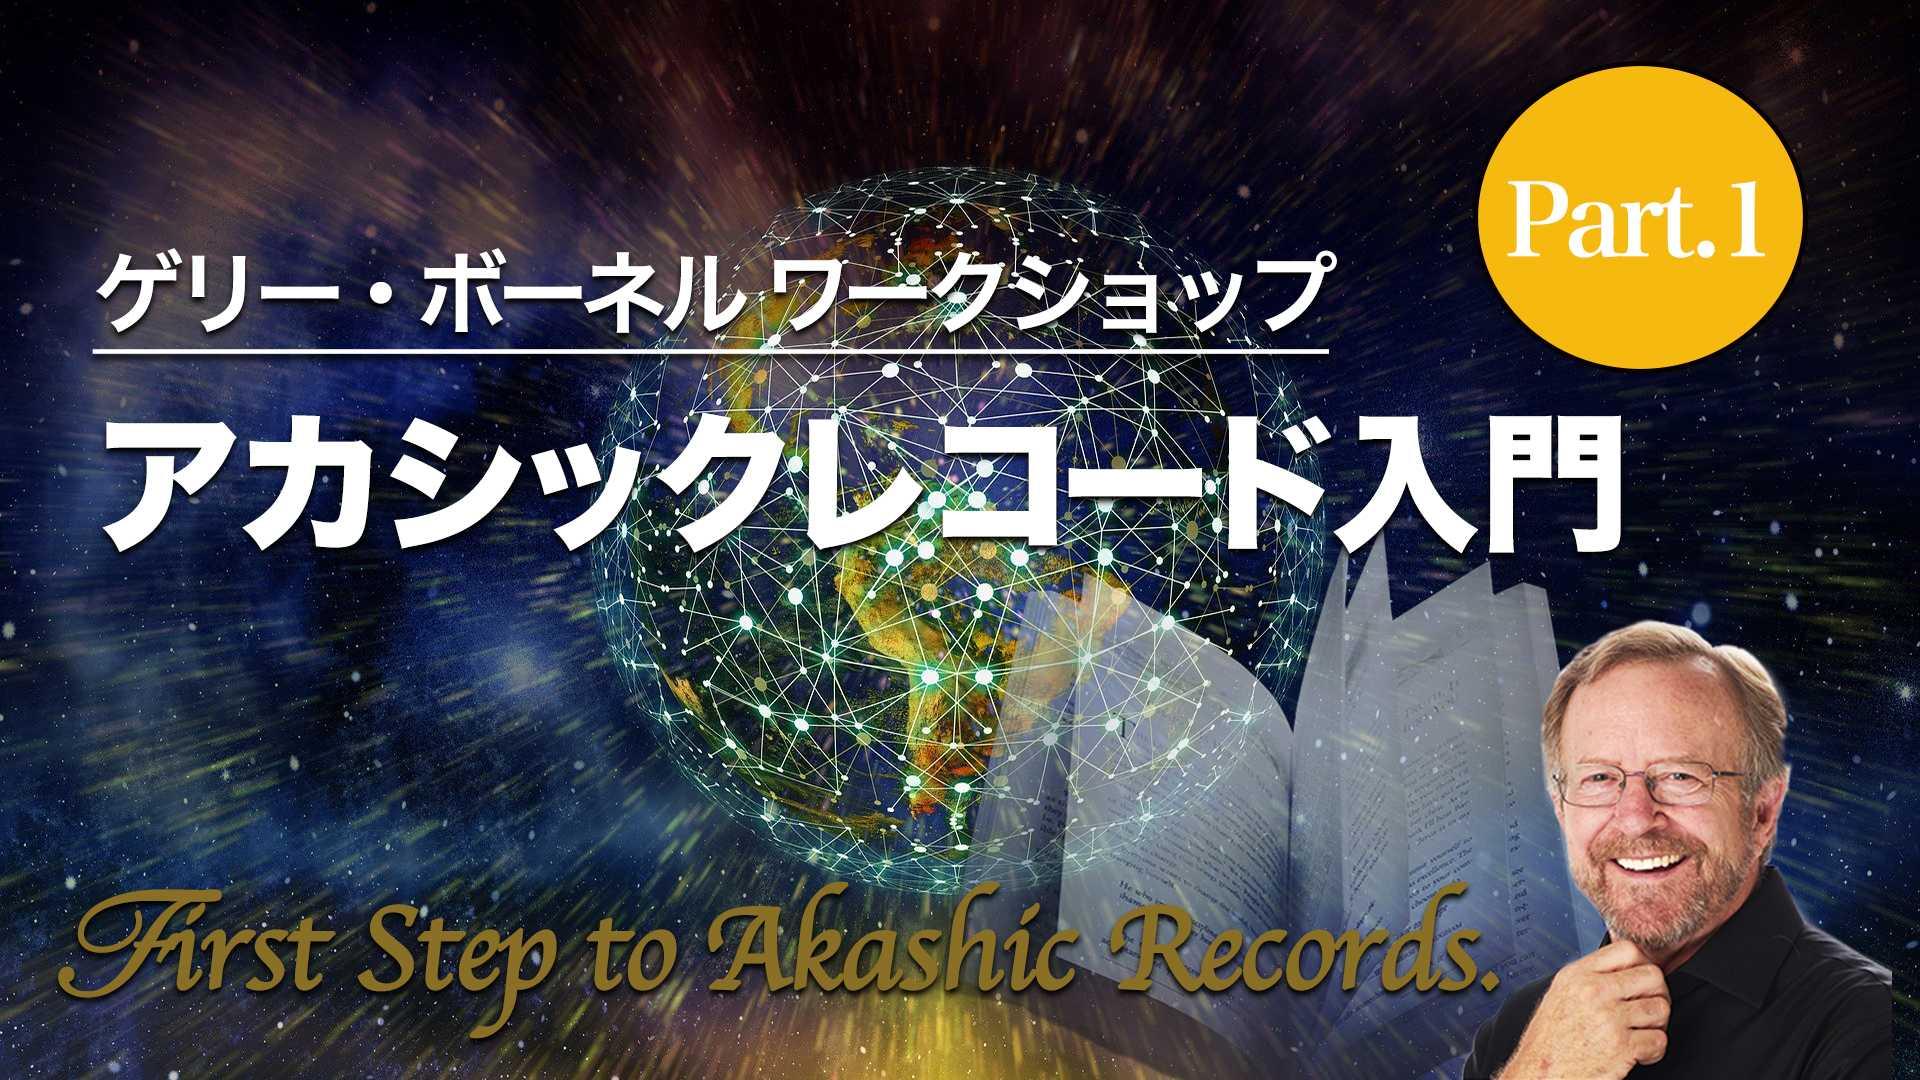 (Part.1)アカシックレコード入門・前編